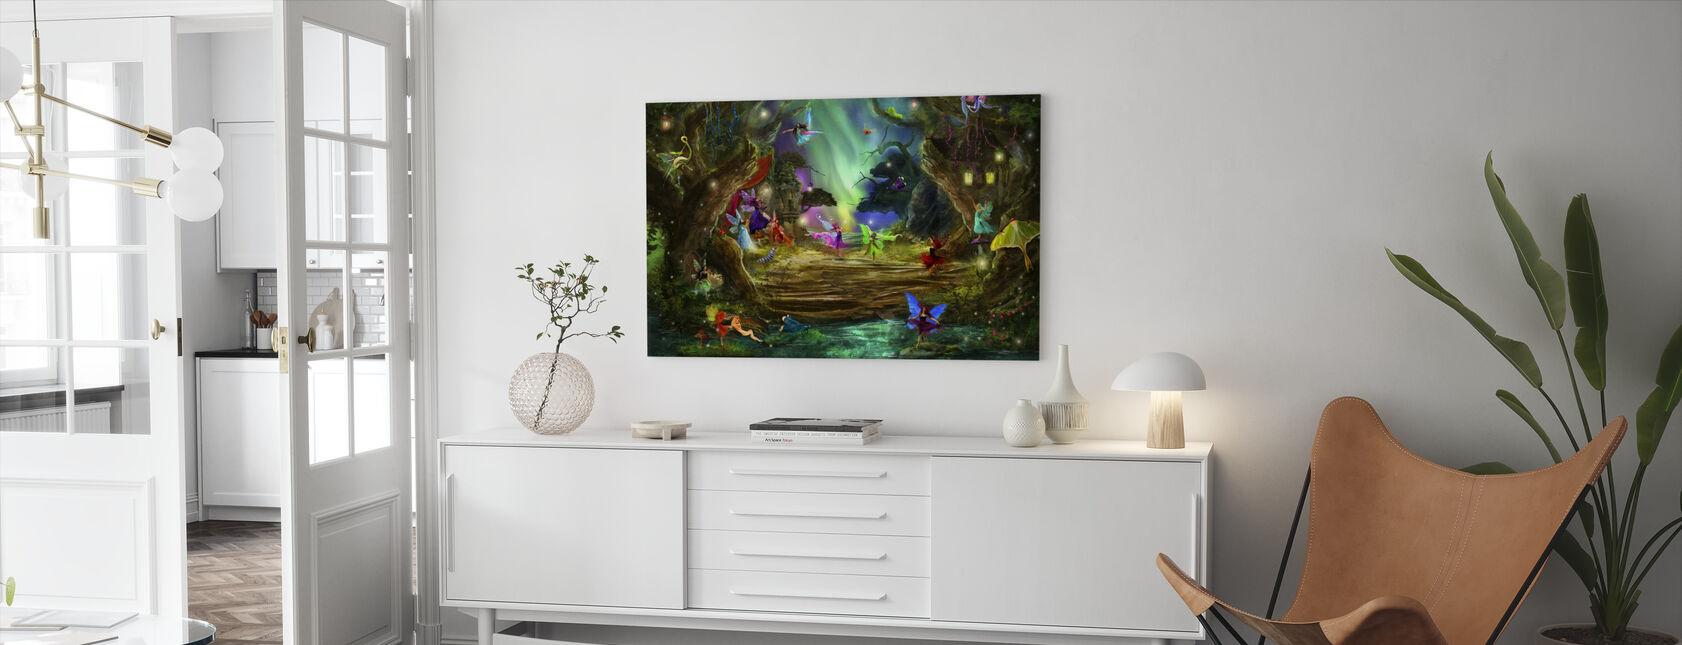 De dansende Aurora's - Canvas print - Woonkamer